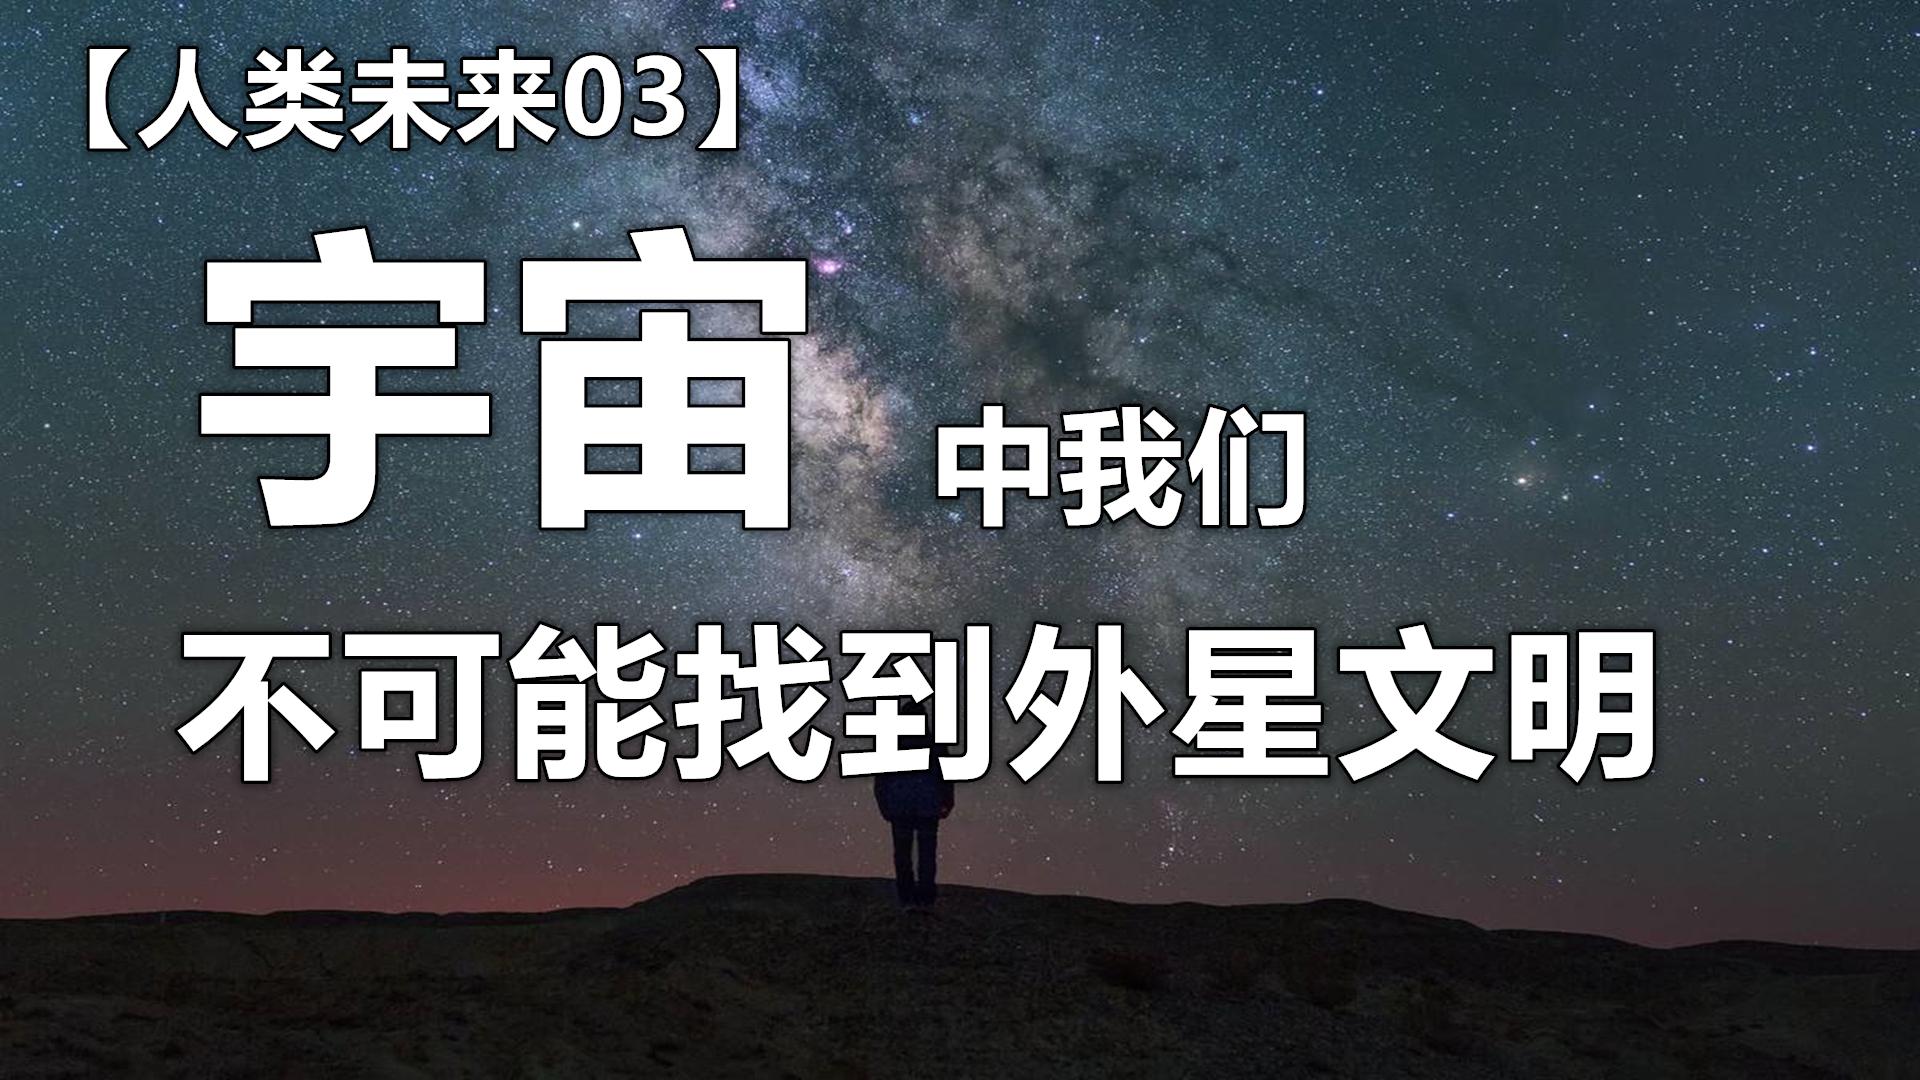 【人类未来03】我们只能看到宇宙的过去?不可能找到外星文明的原因